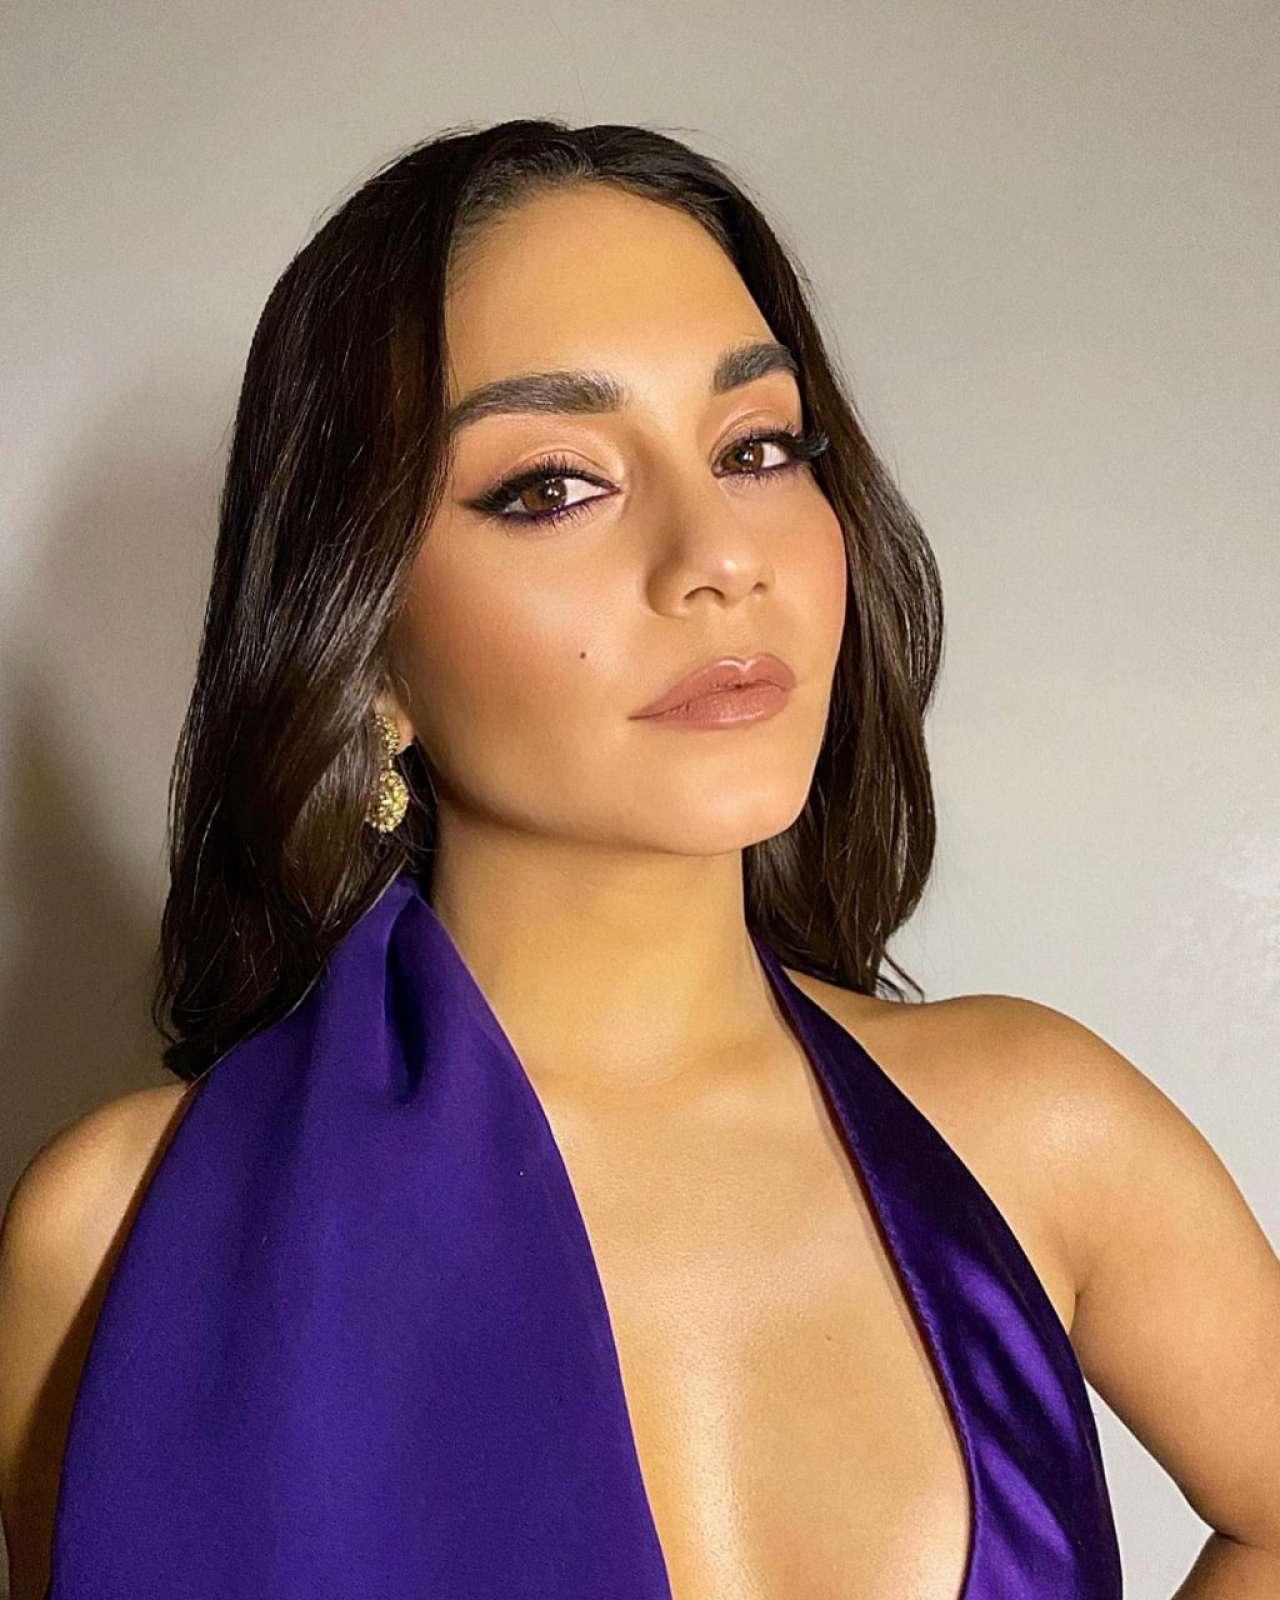 Vanessa Hudgens 2020 : Vanessa Hudgens in a Purple Dress -06